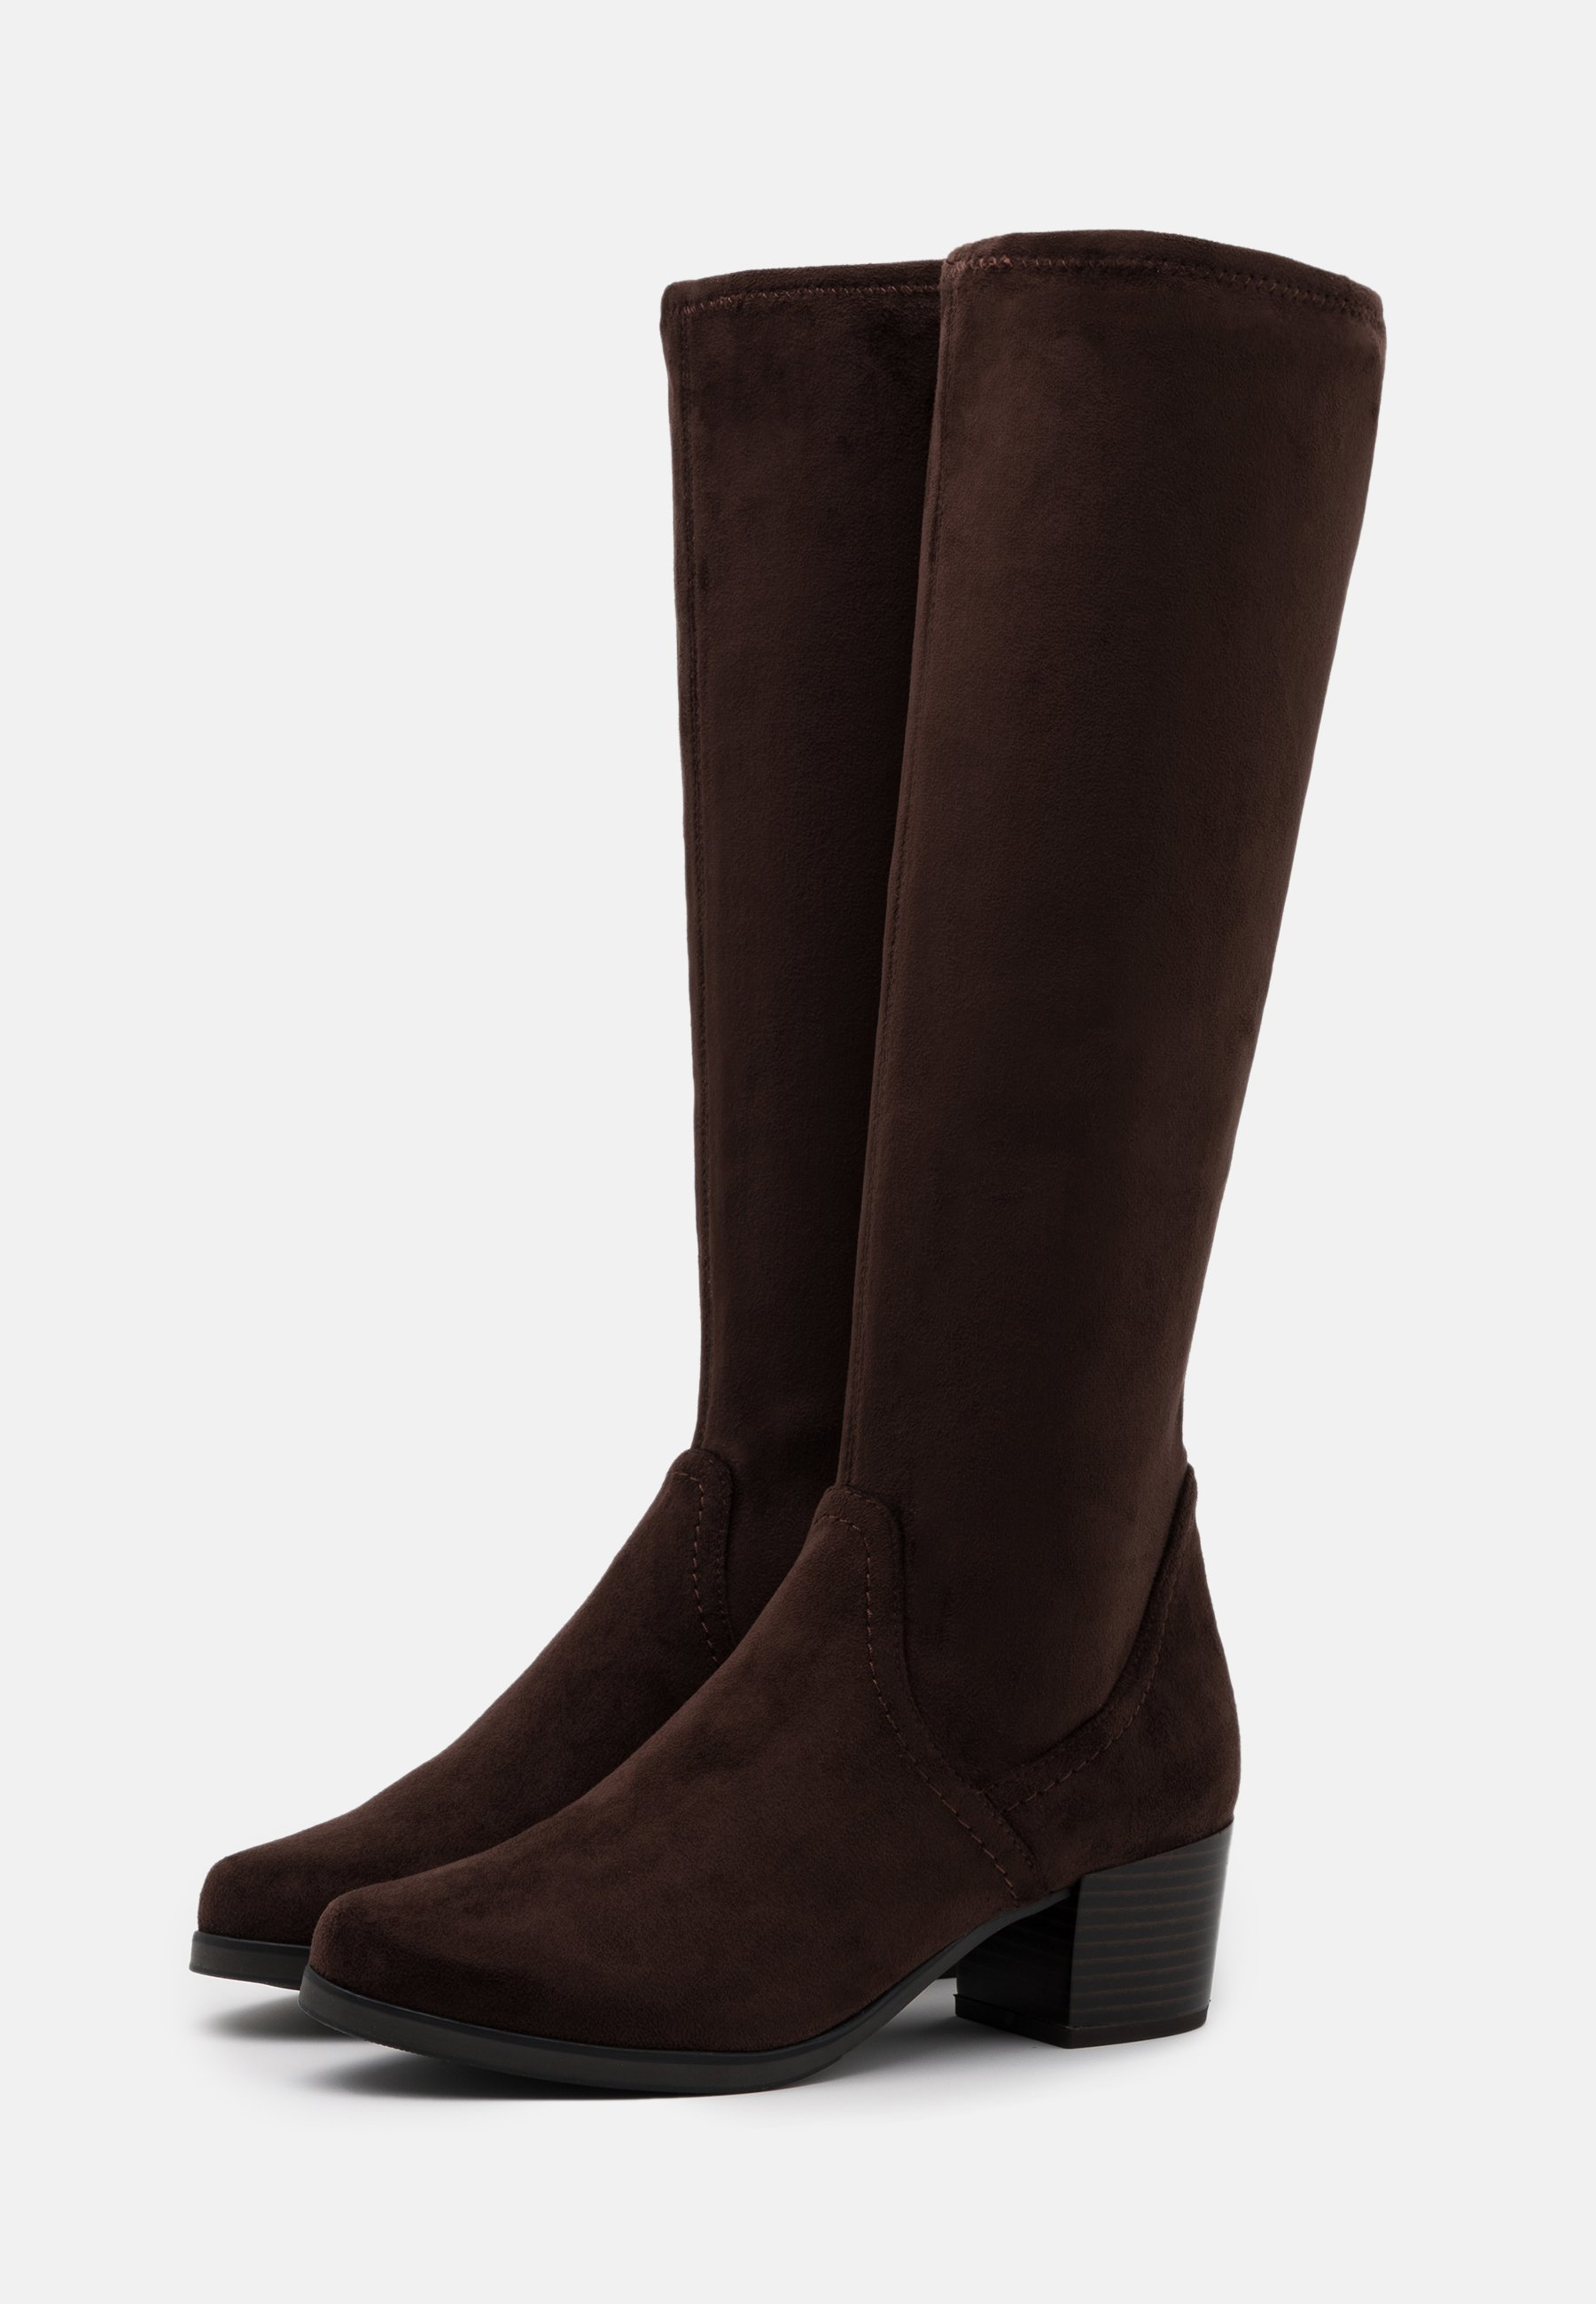 Caprice Stiefel dark brown/dunkelbraun